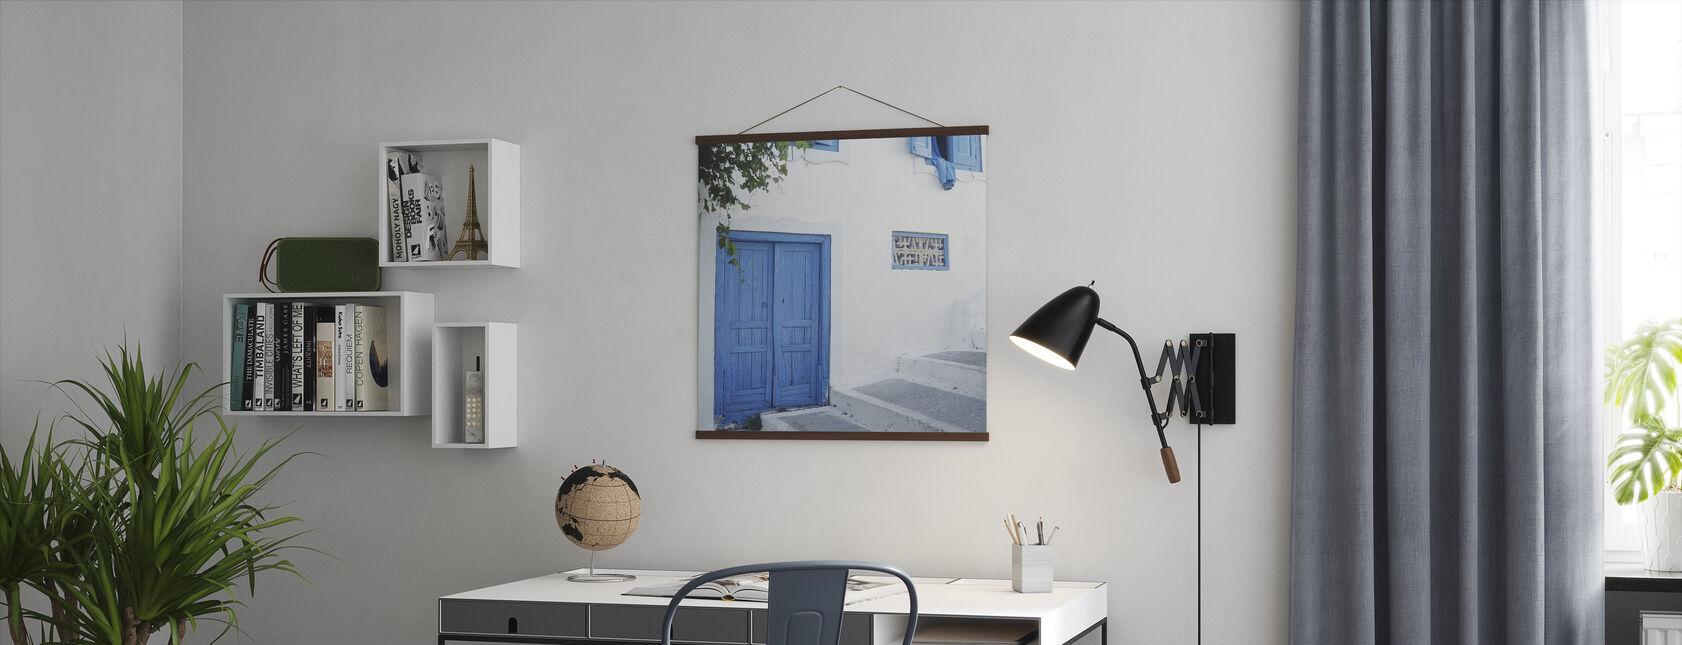 The Door - Poster - Office